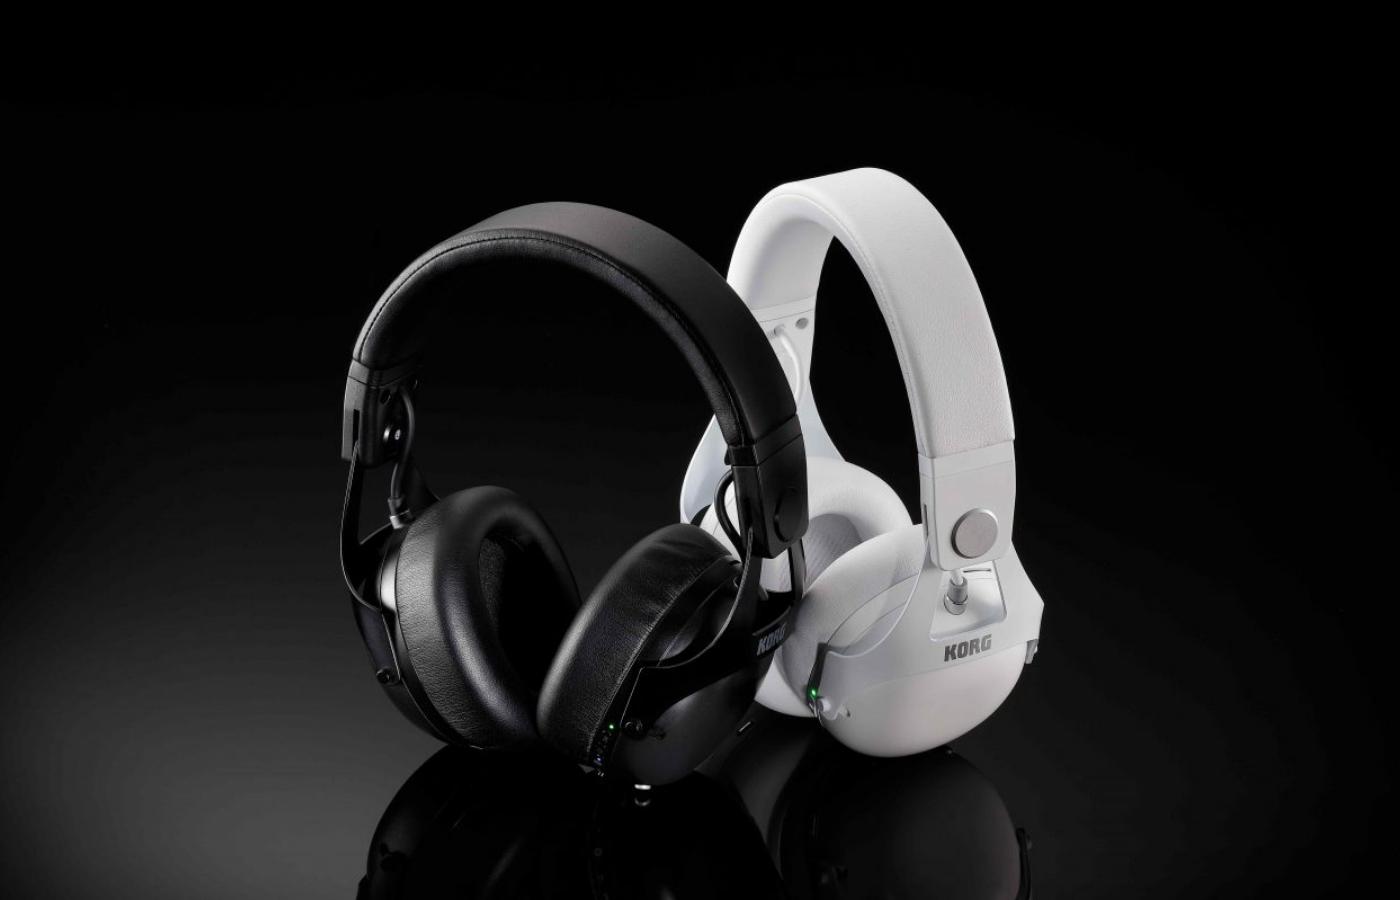 Korg anunció nuevos auriculares con cancelación de ruido para DJs